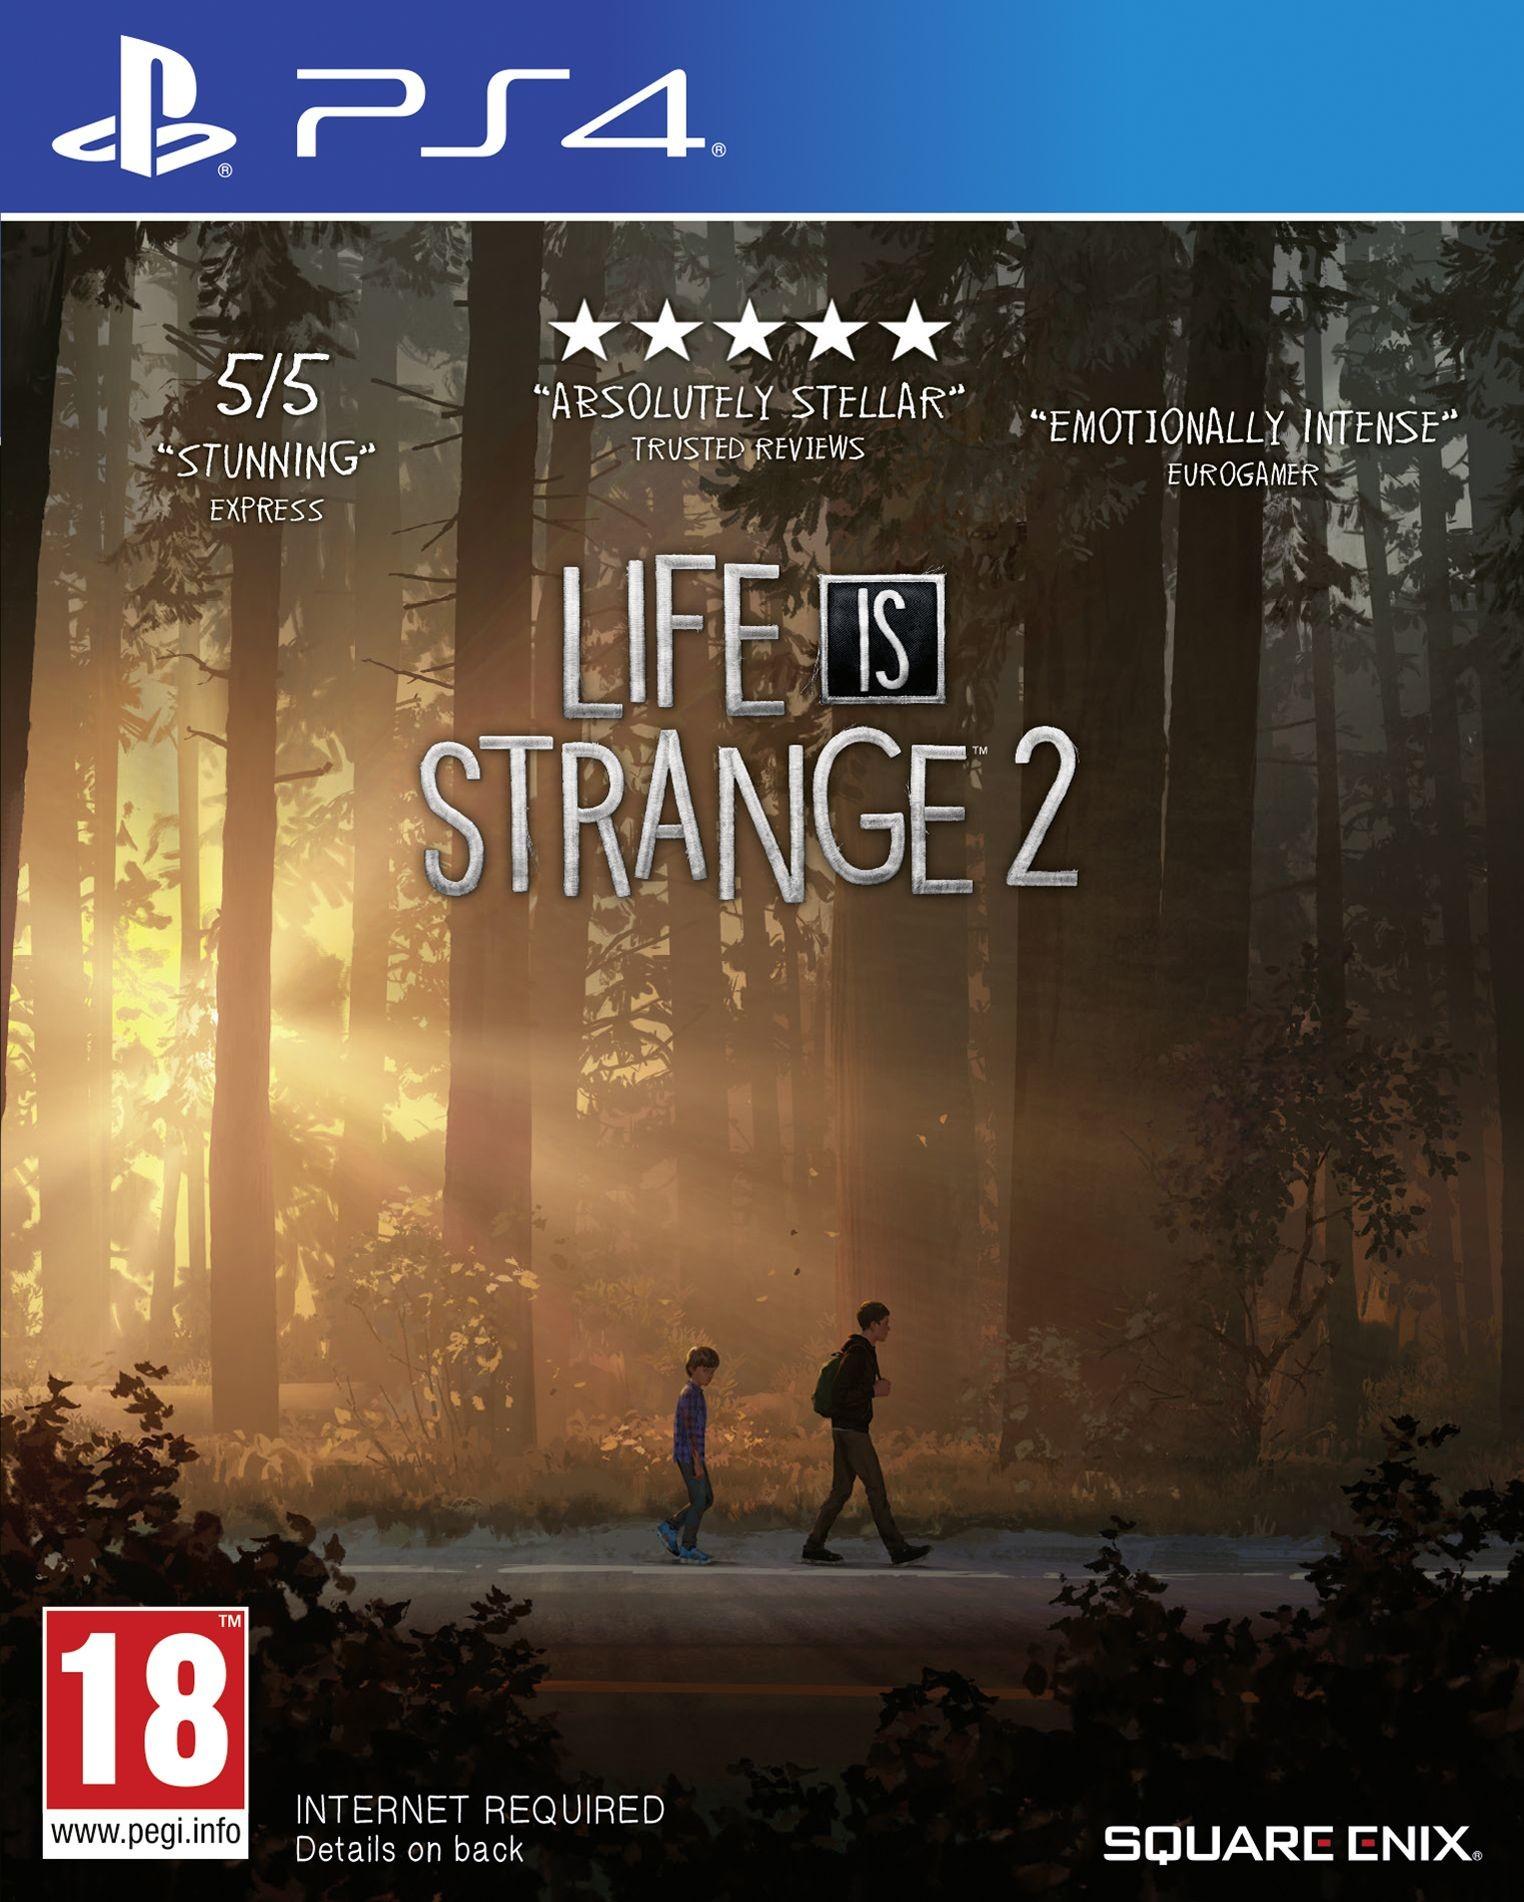 Life is strange 2 (GRA PS4)